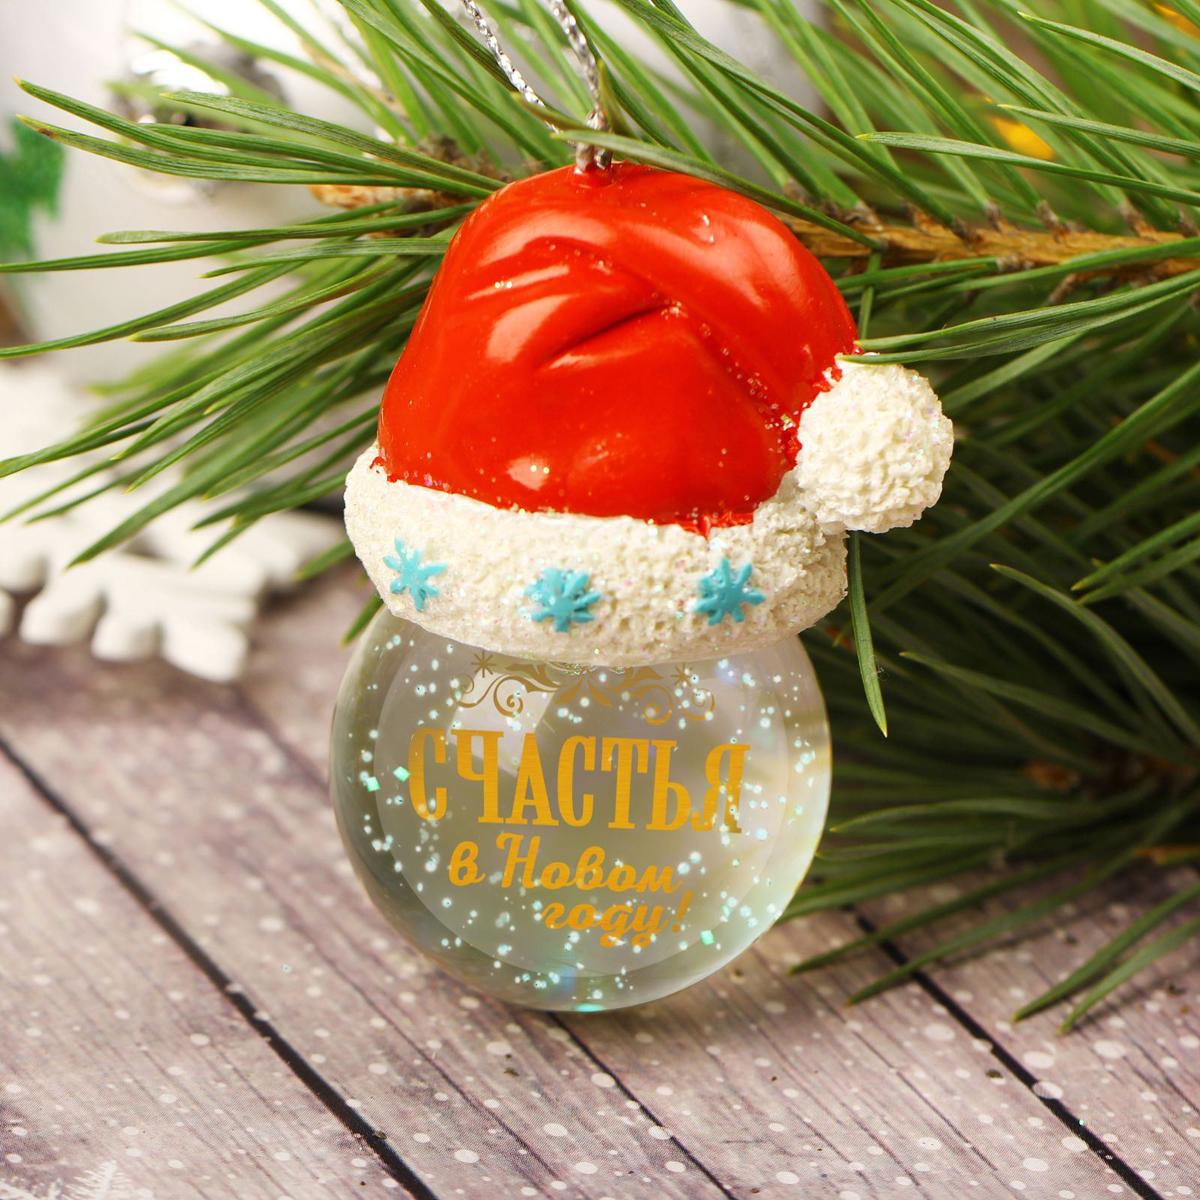 Новогоднее подвесное украшение Sima-land Счастья в Новом году, светящееся, 6,3 см1366197Новогоднее украшение Sima-land отлично подойдет для декорации вашего дома и новогодней ели. Елочная игрушка - символ Нового года. Она несет в себе волшебство и красоту праздника. Такое украшение создаст в вашем доме атмосферу праздника, веселья и радости.